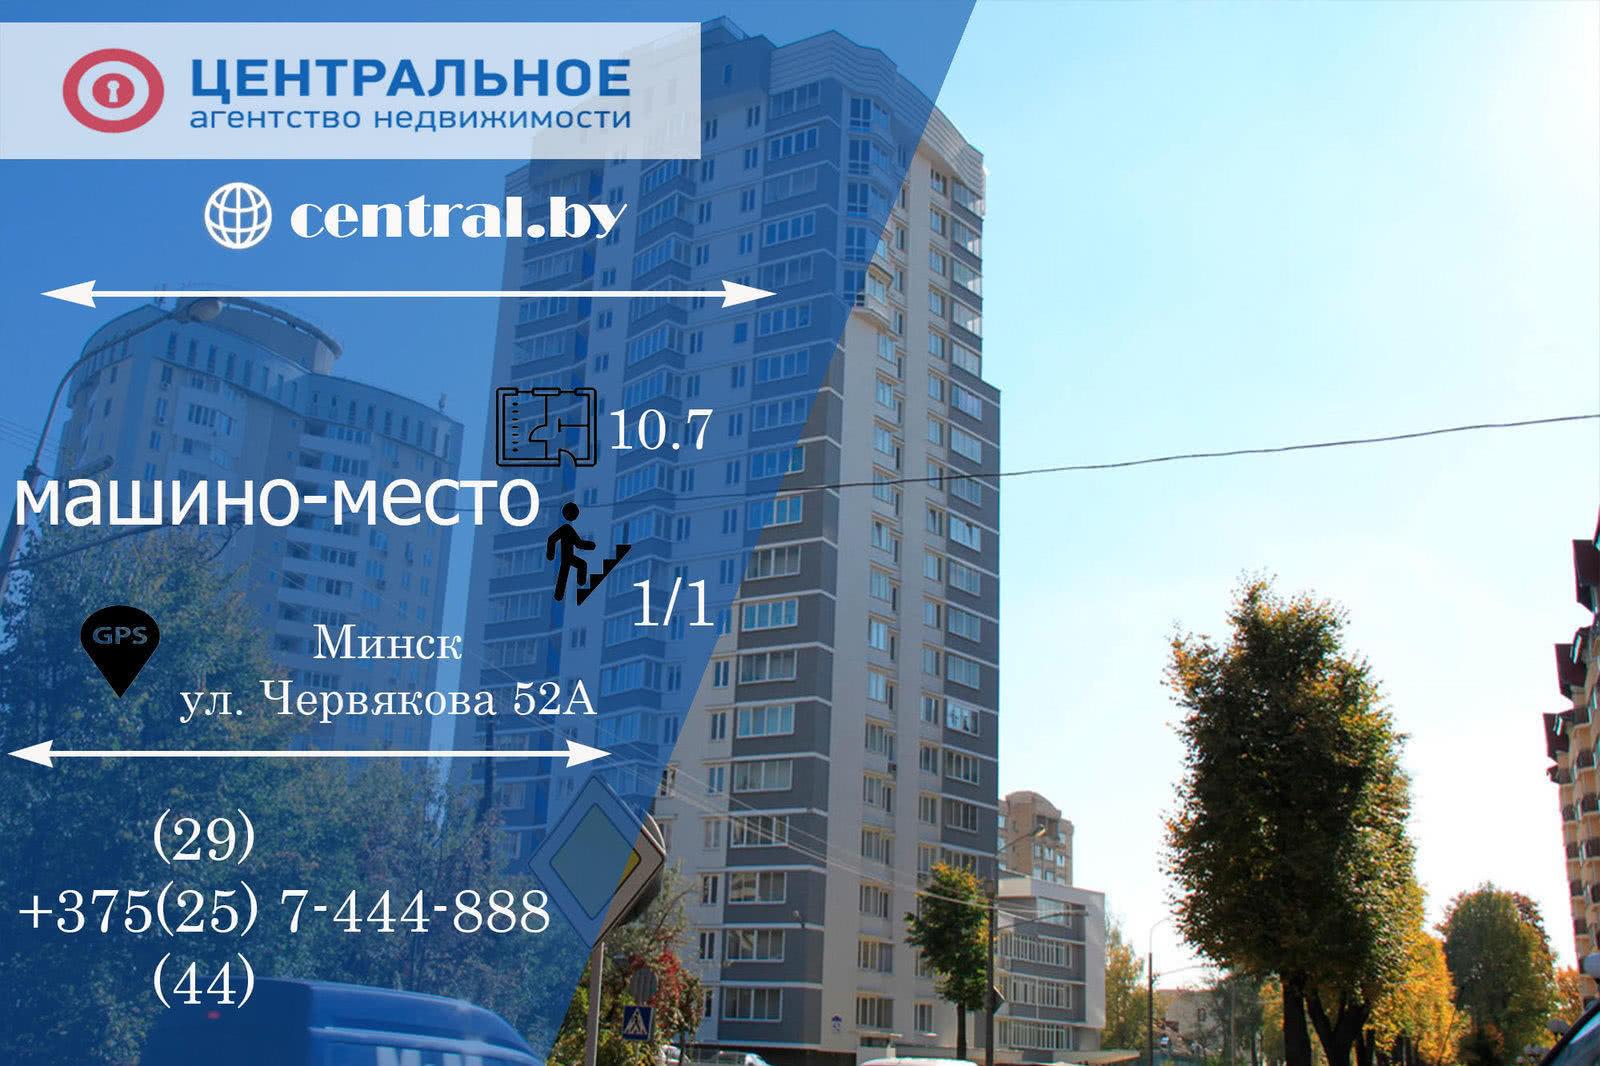 Продажа гаража в Минске, ул. Червякова, д. 52/А - фото 1